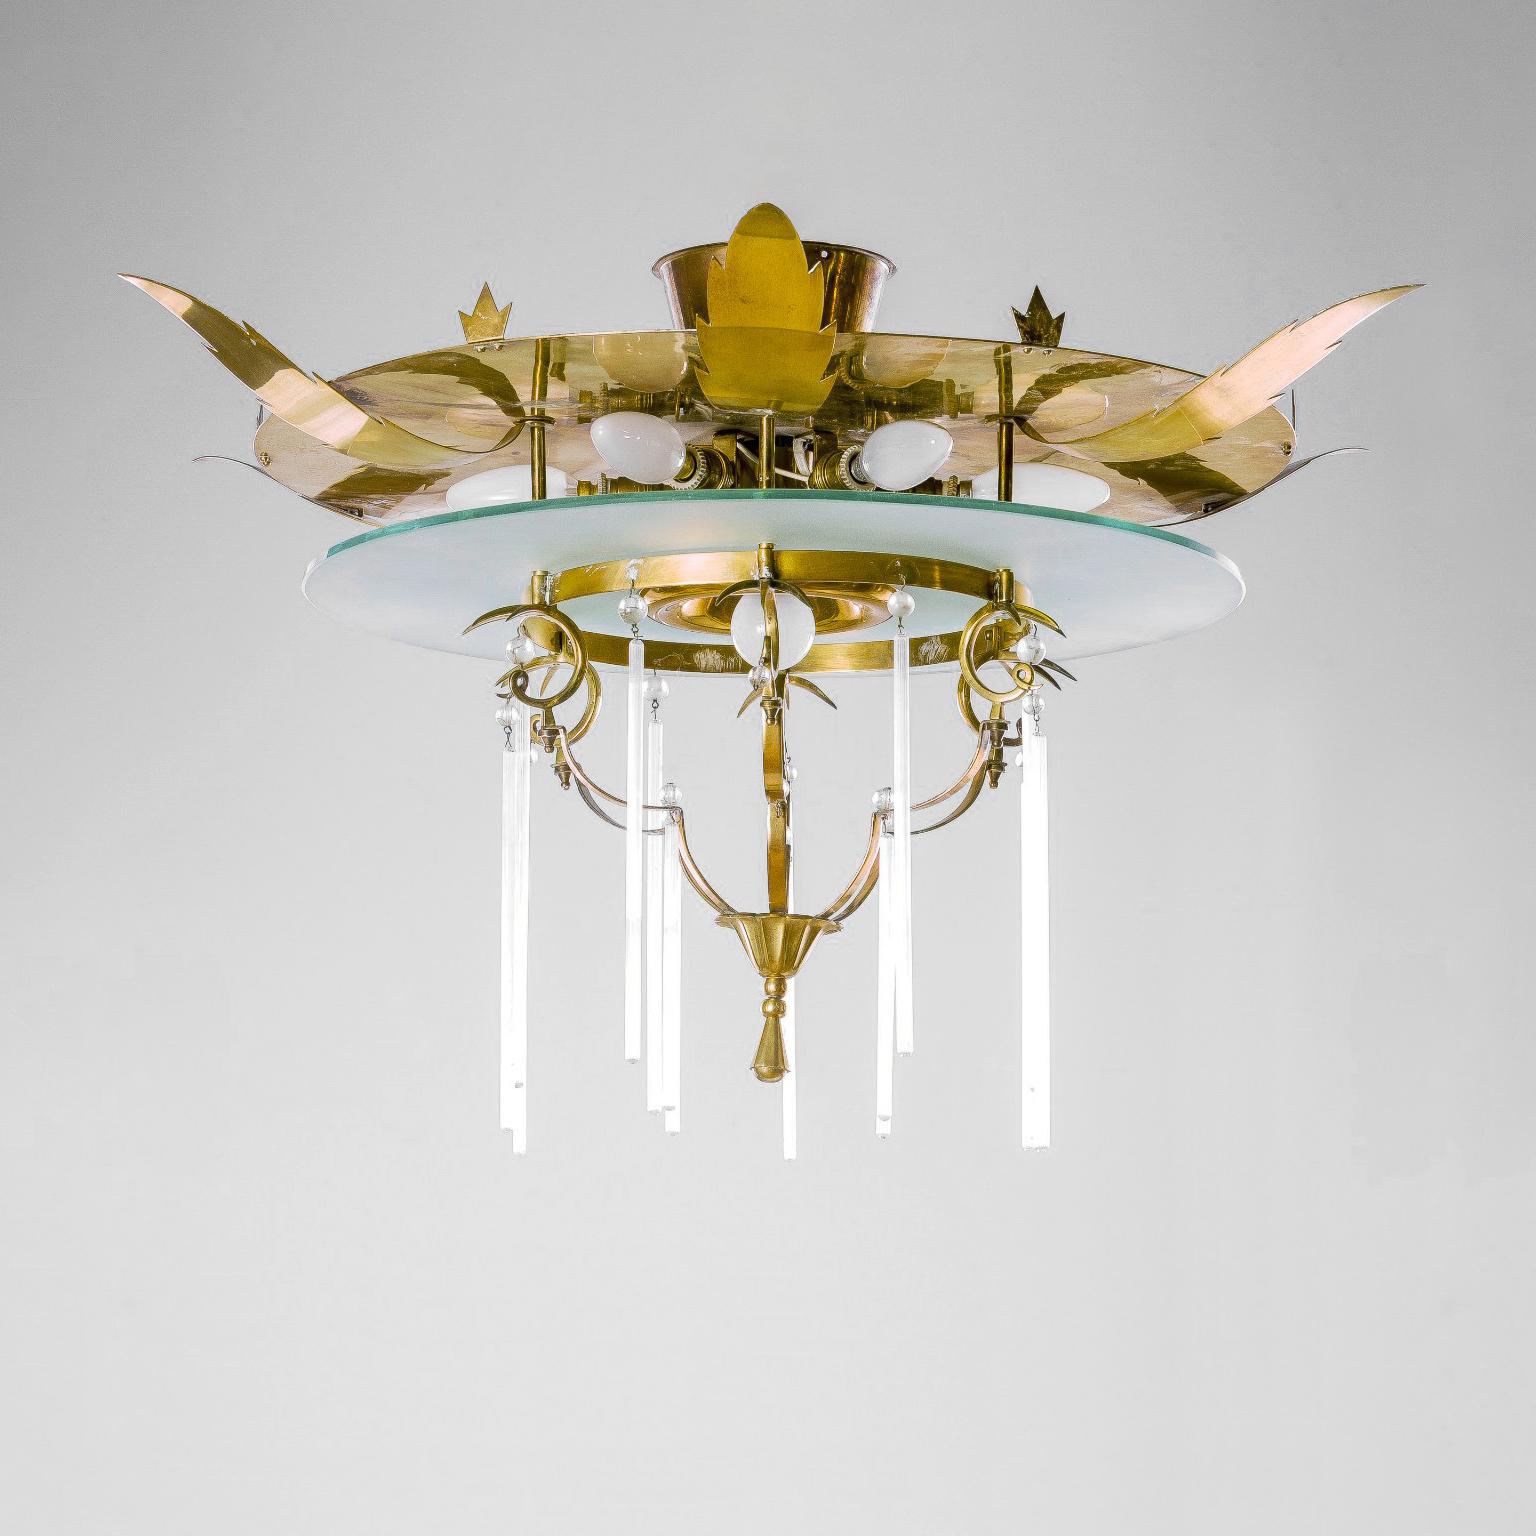 1 Elegantes Steiner Lampen Mit Bewegungsmelder Dekorationen